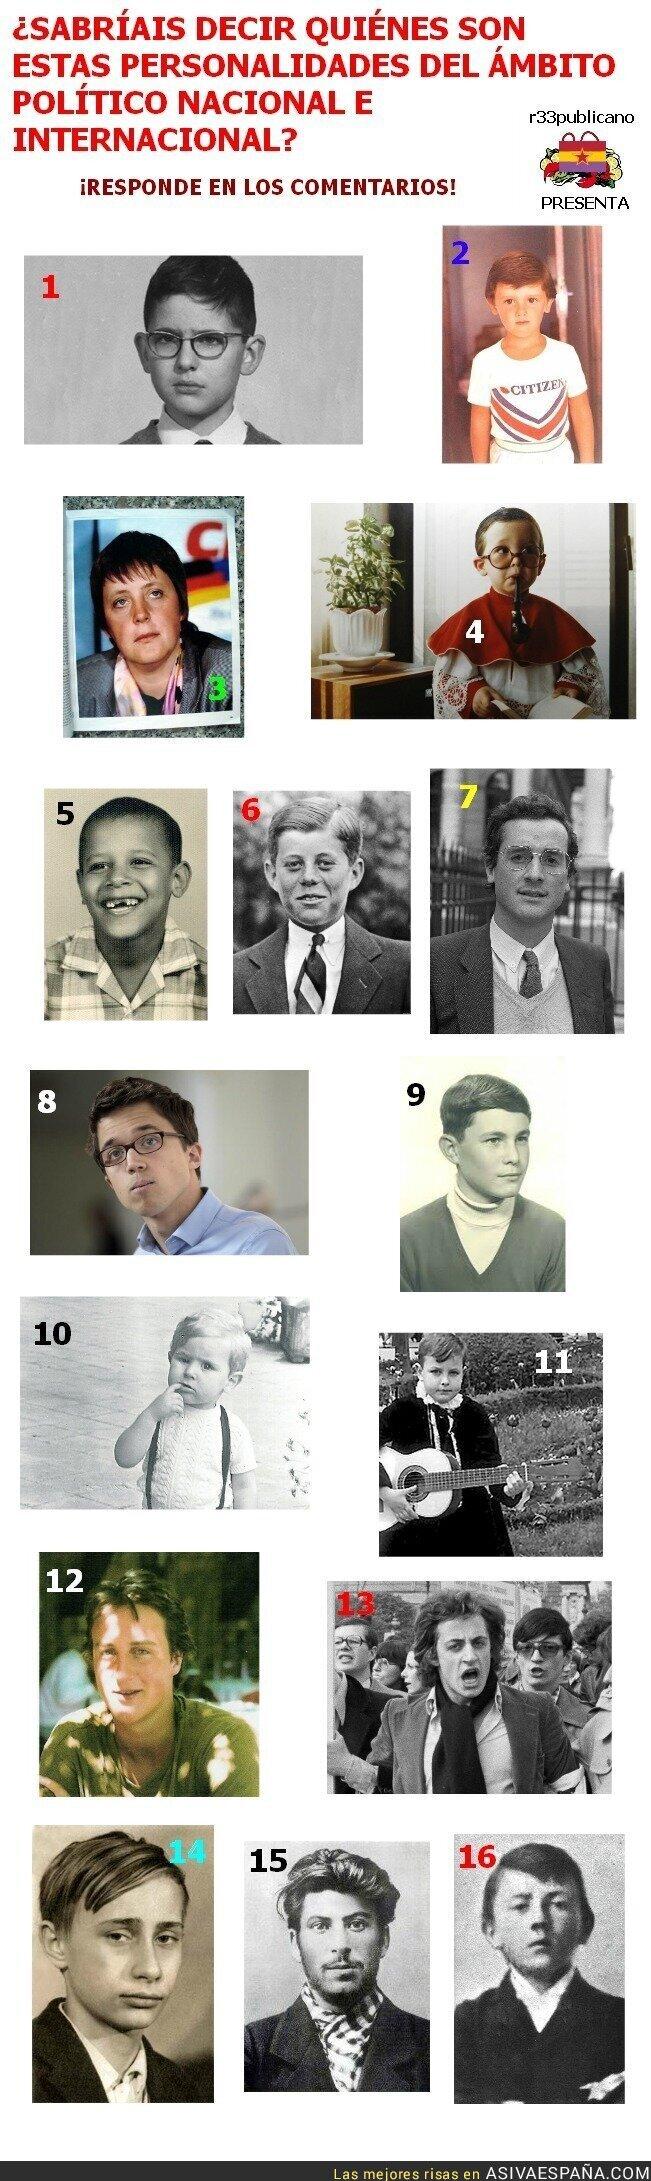 19627 - ¿Los sabrías reconocer?